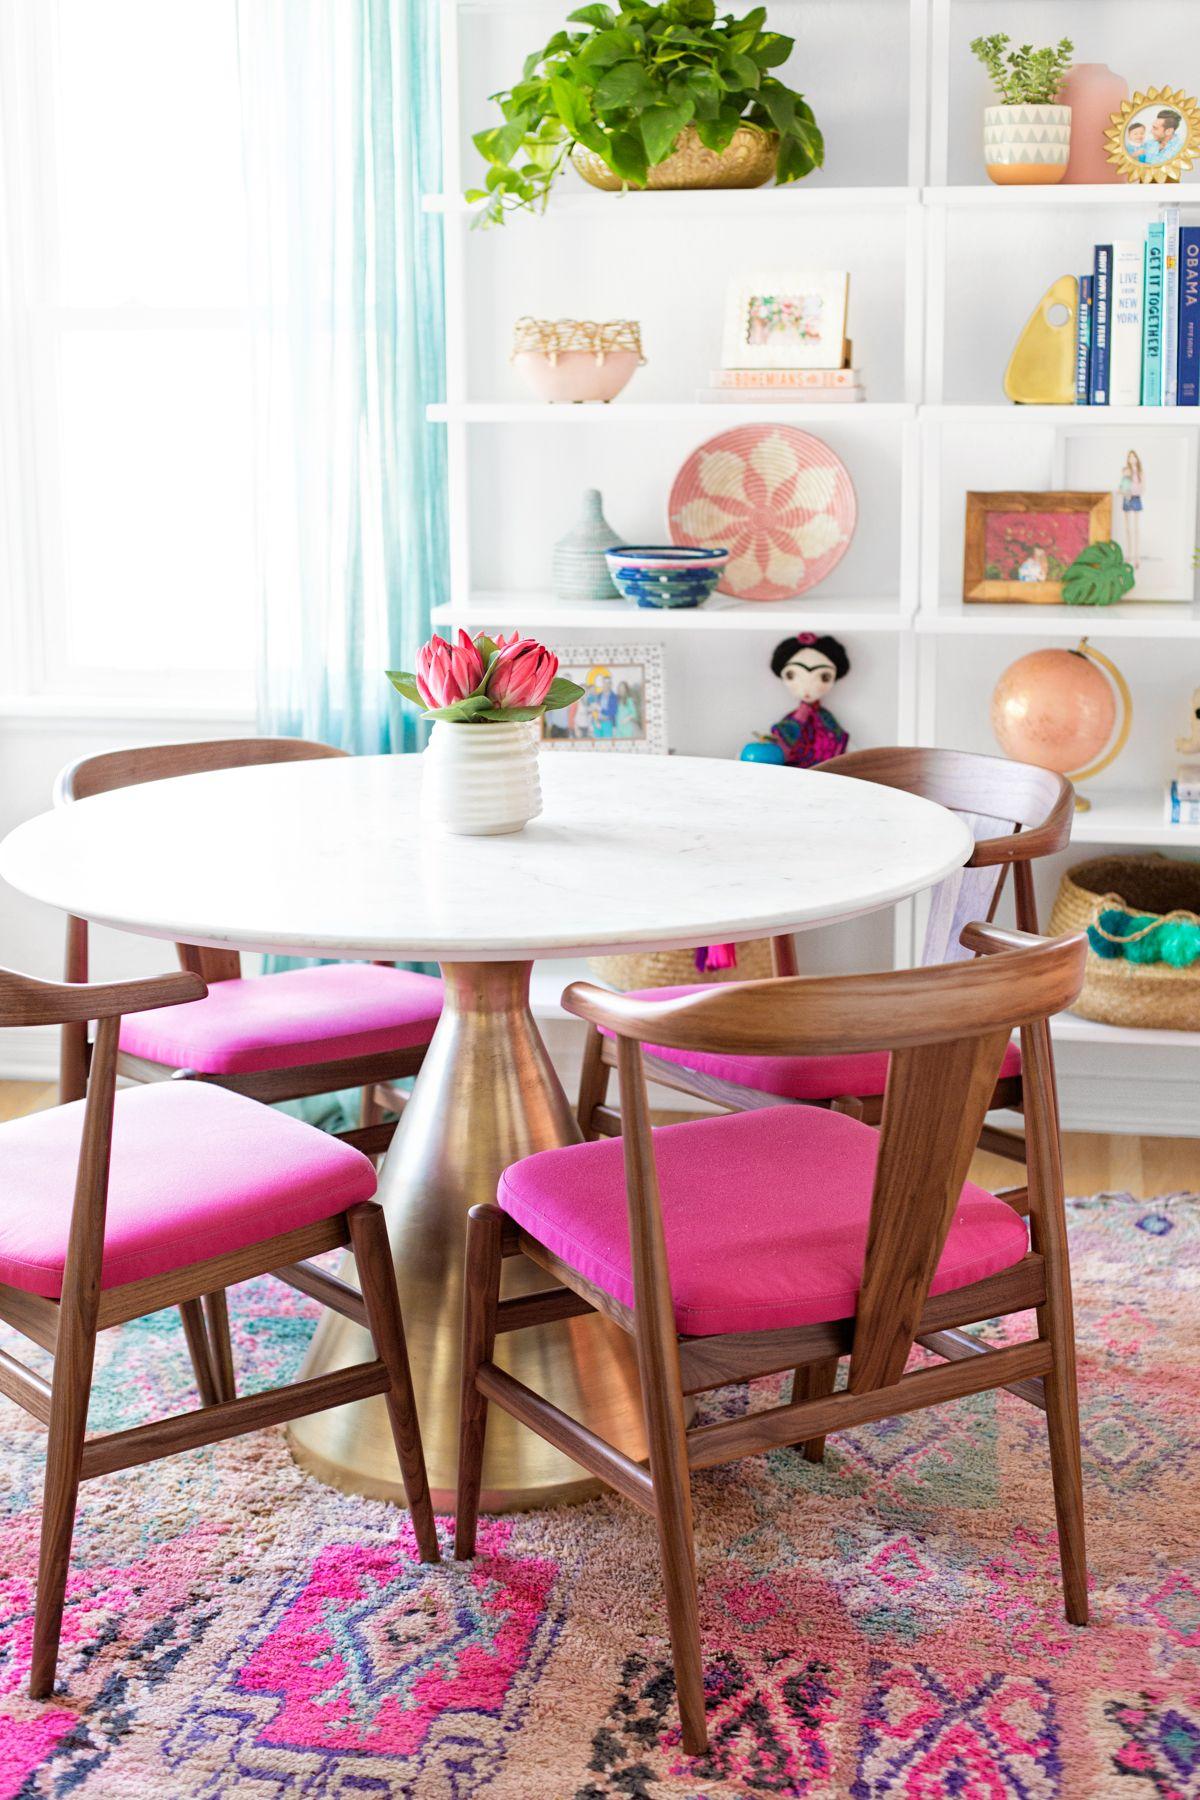 Küche interieur farbschemata  runde speisetische für jedes budget  diy portal  pinterest